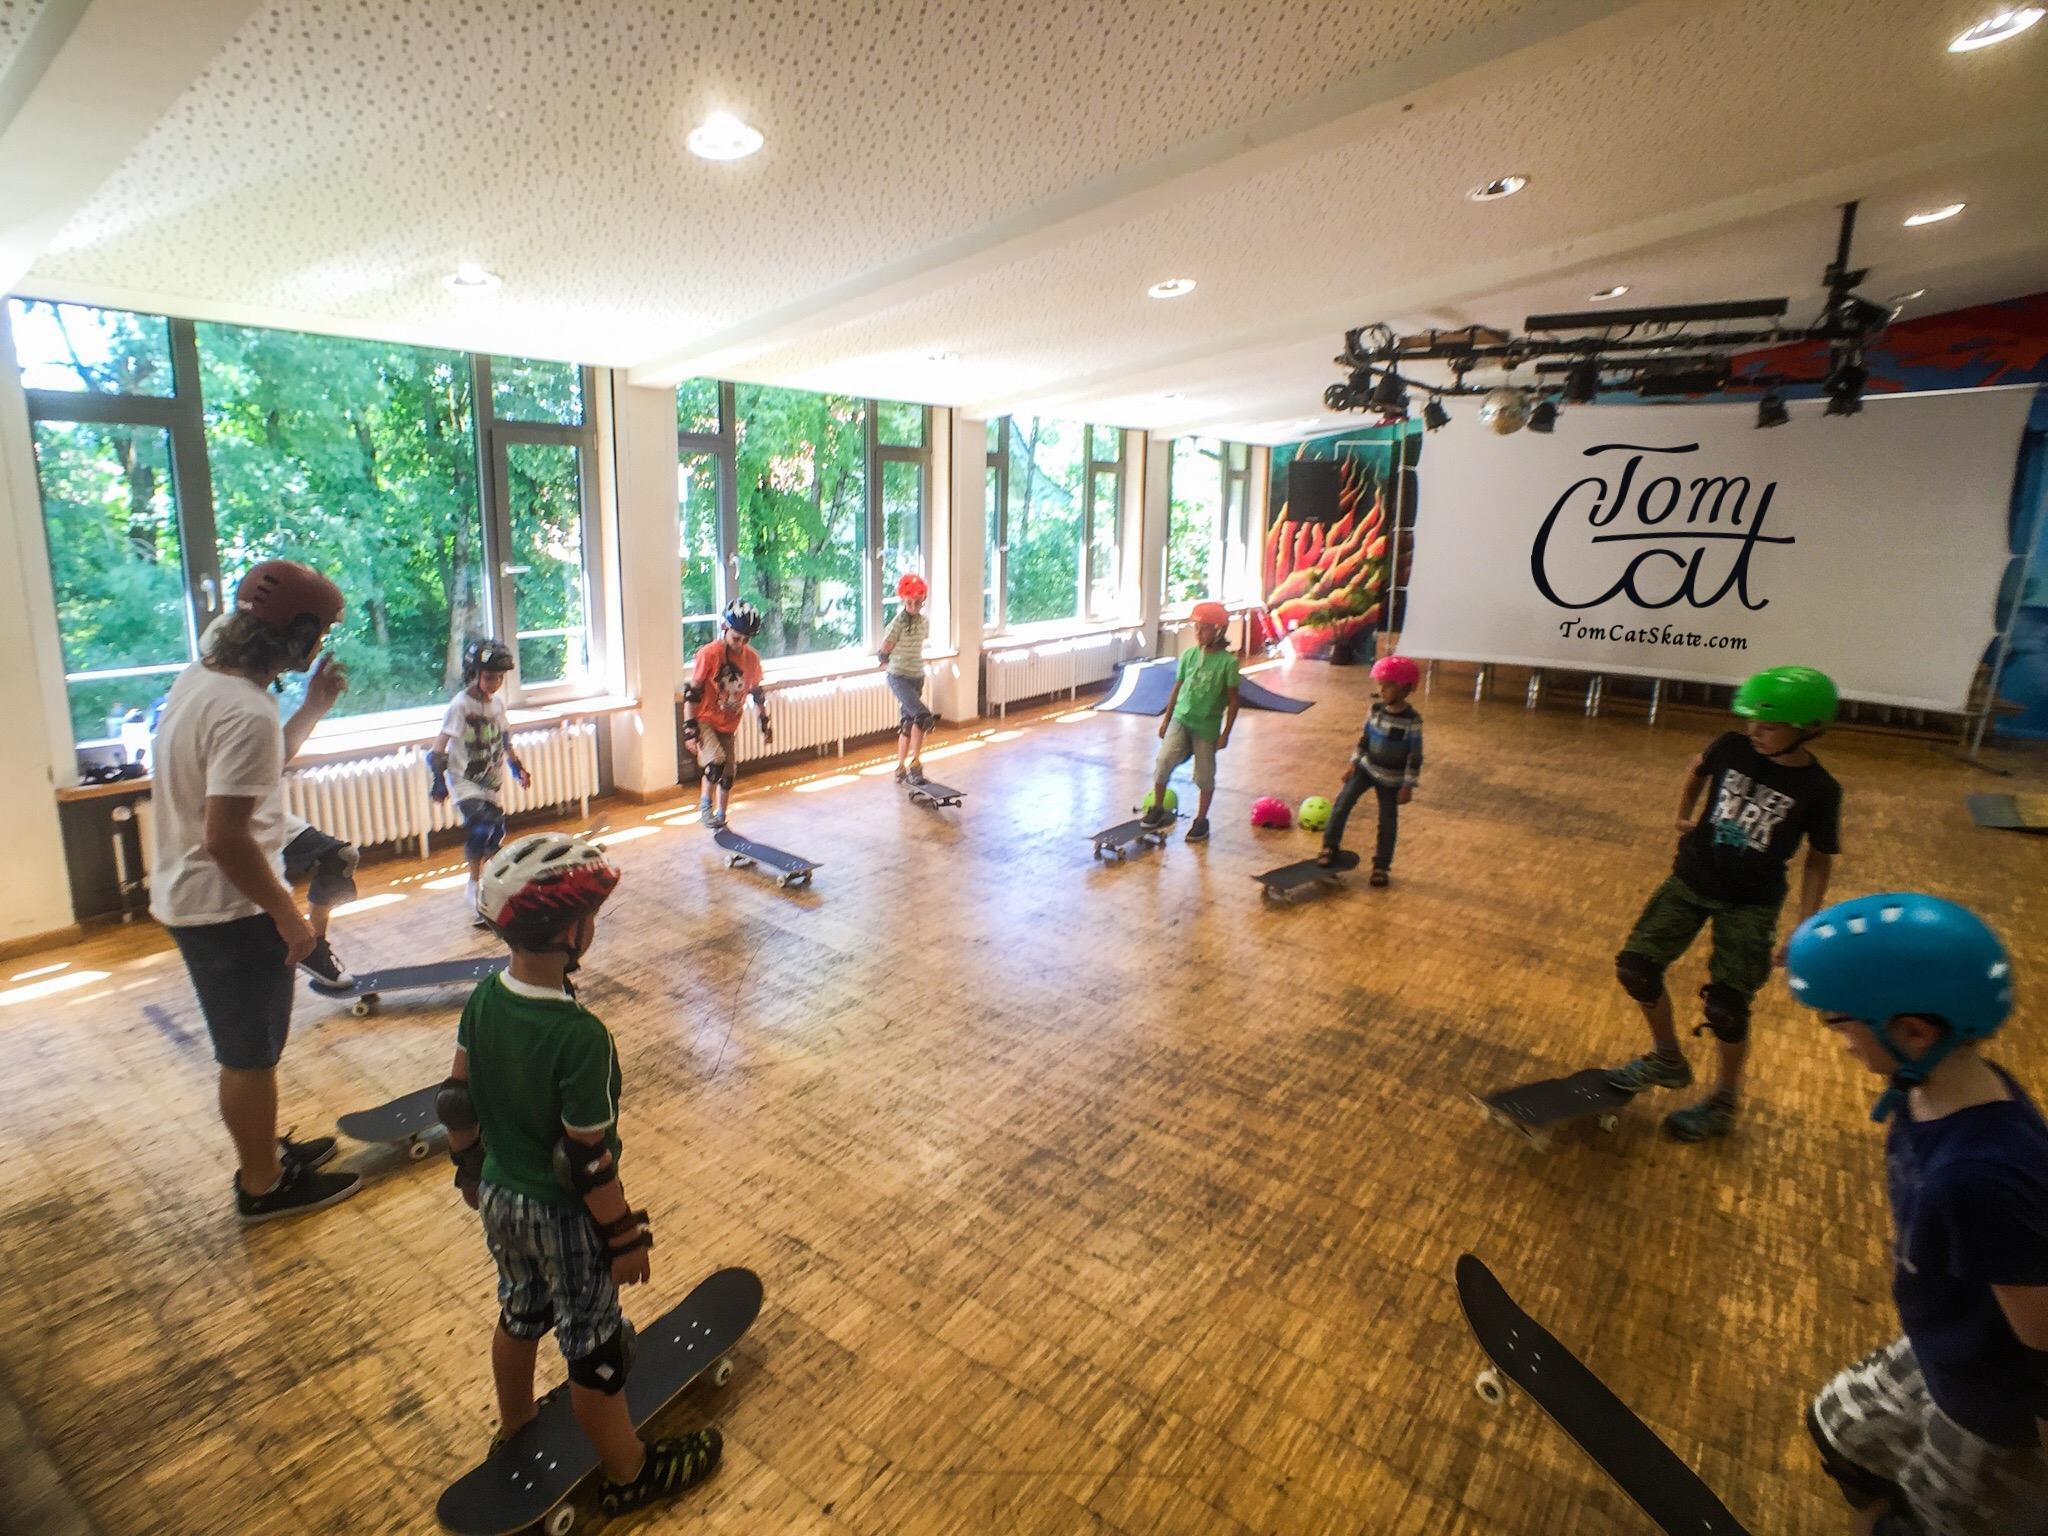 Skatekurs München Bad Tölz Jugendcafe mit Profi Skateboarder Tom Cat .JPG